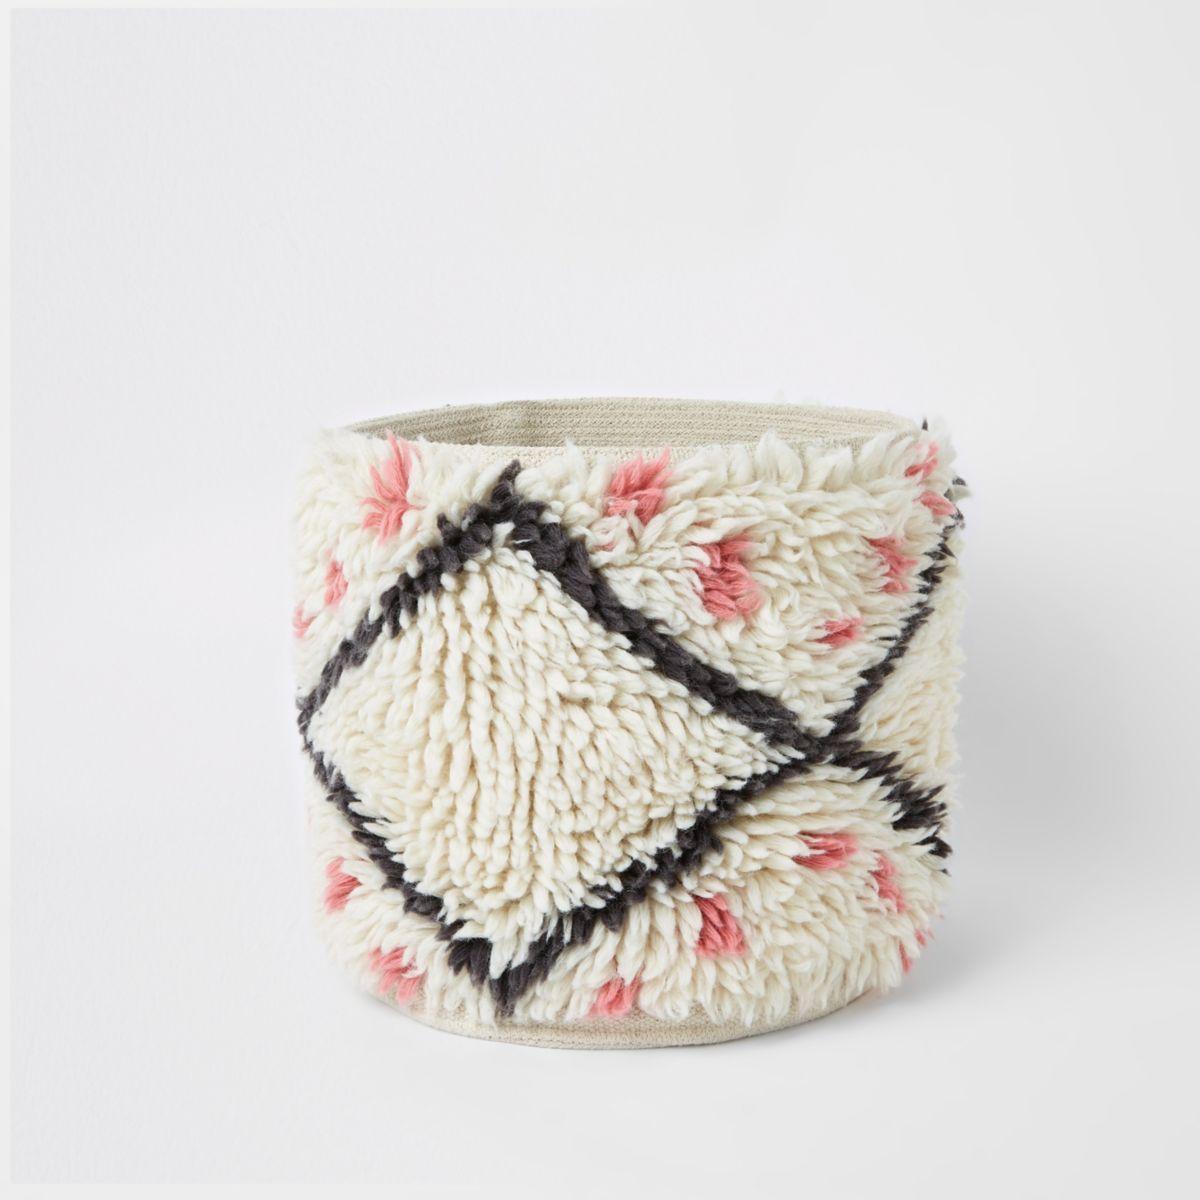 Cream wool storage basket